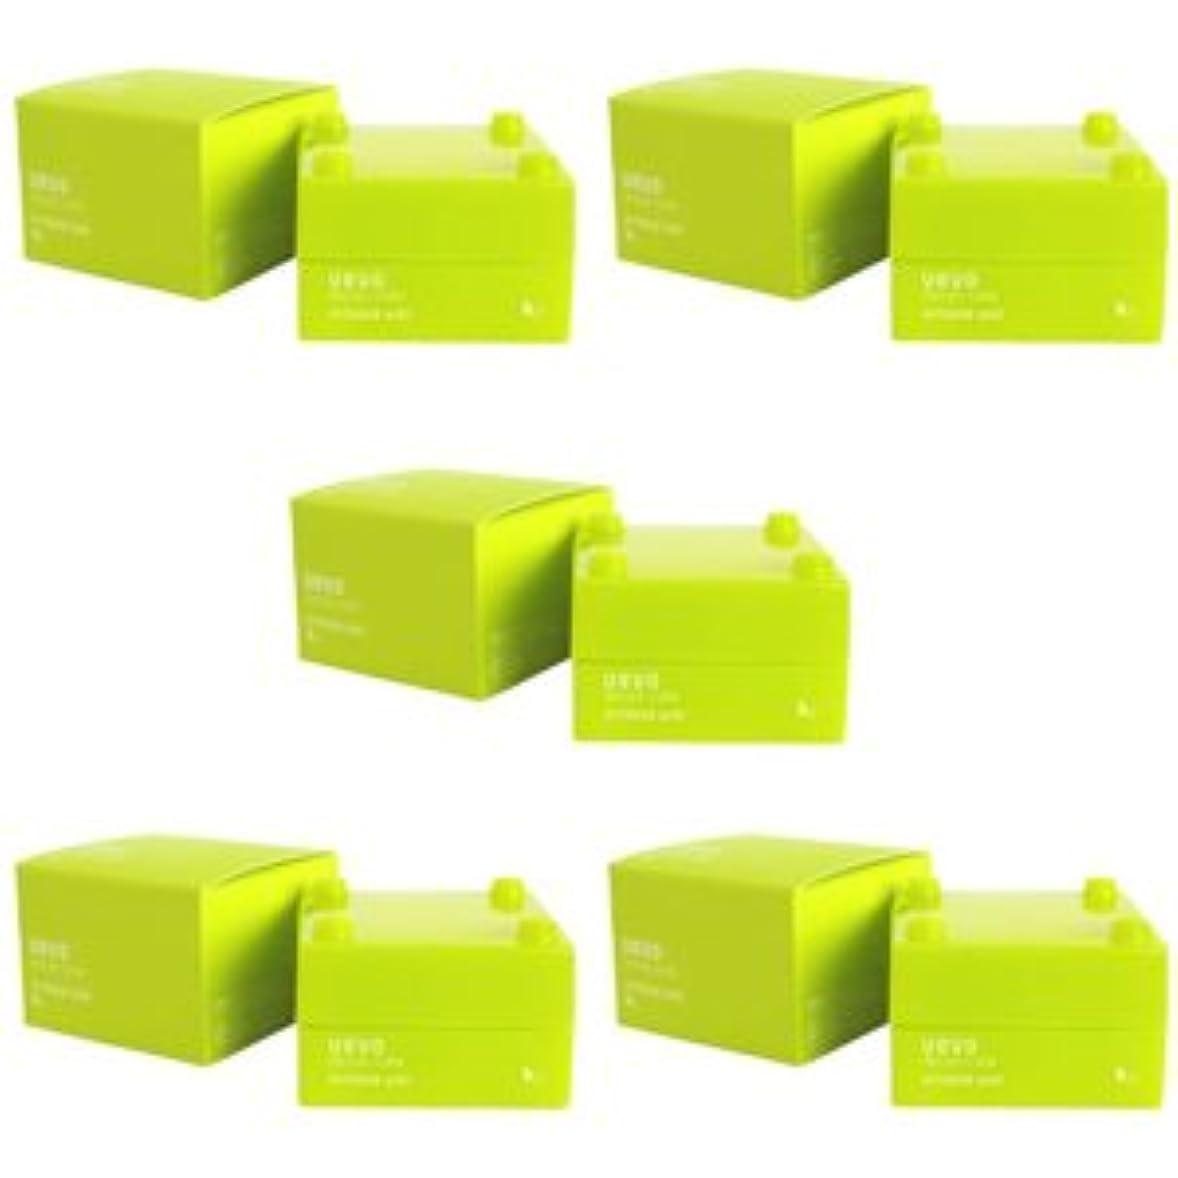 苛性永久に人物【X5個セット】 デミ ウェーボ デザインキューブ エアルーズワックス 30g airloose wax DEMI uevo design cube